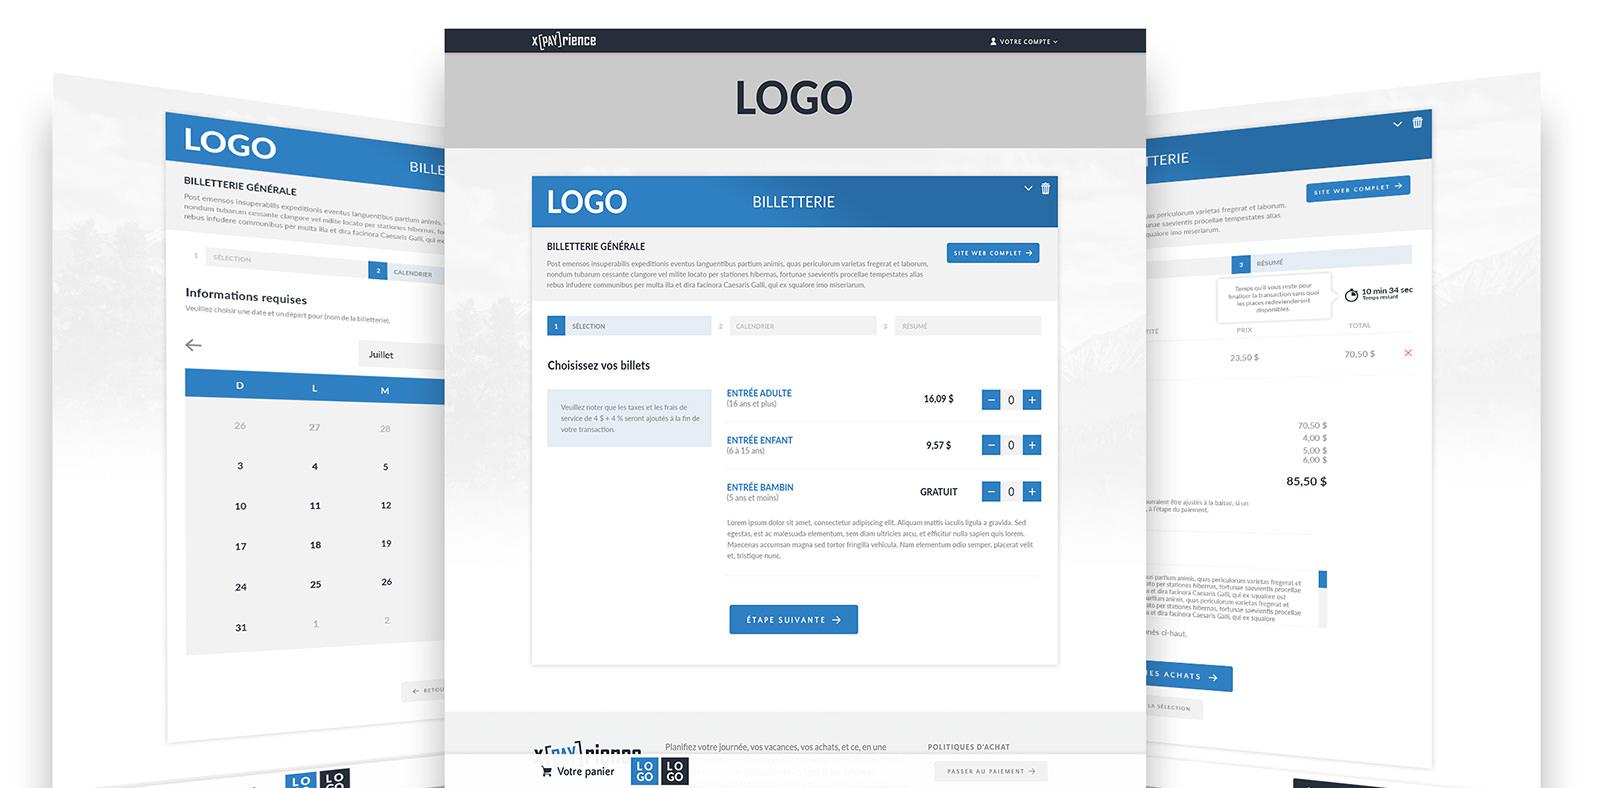 Module Billetterie du Réseau xPayrience - unique plateforme transactionnelle adaptée multi-commerces